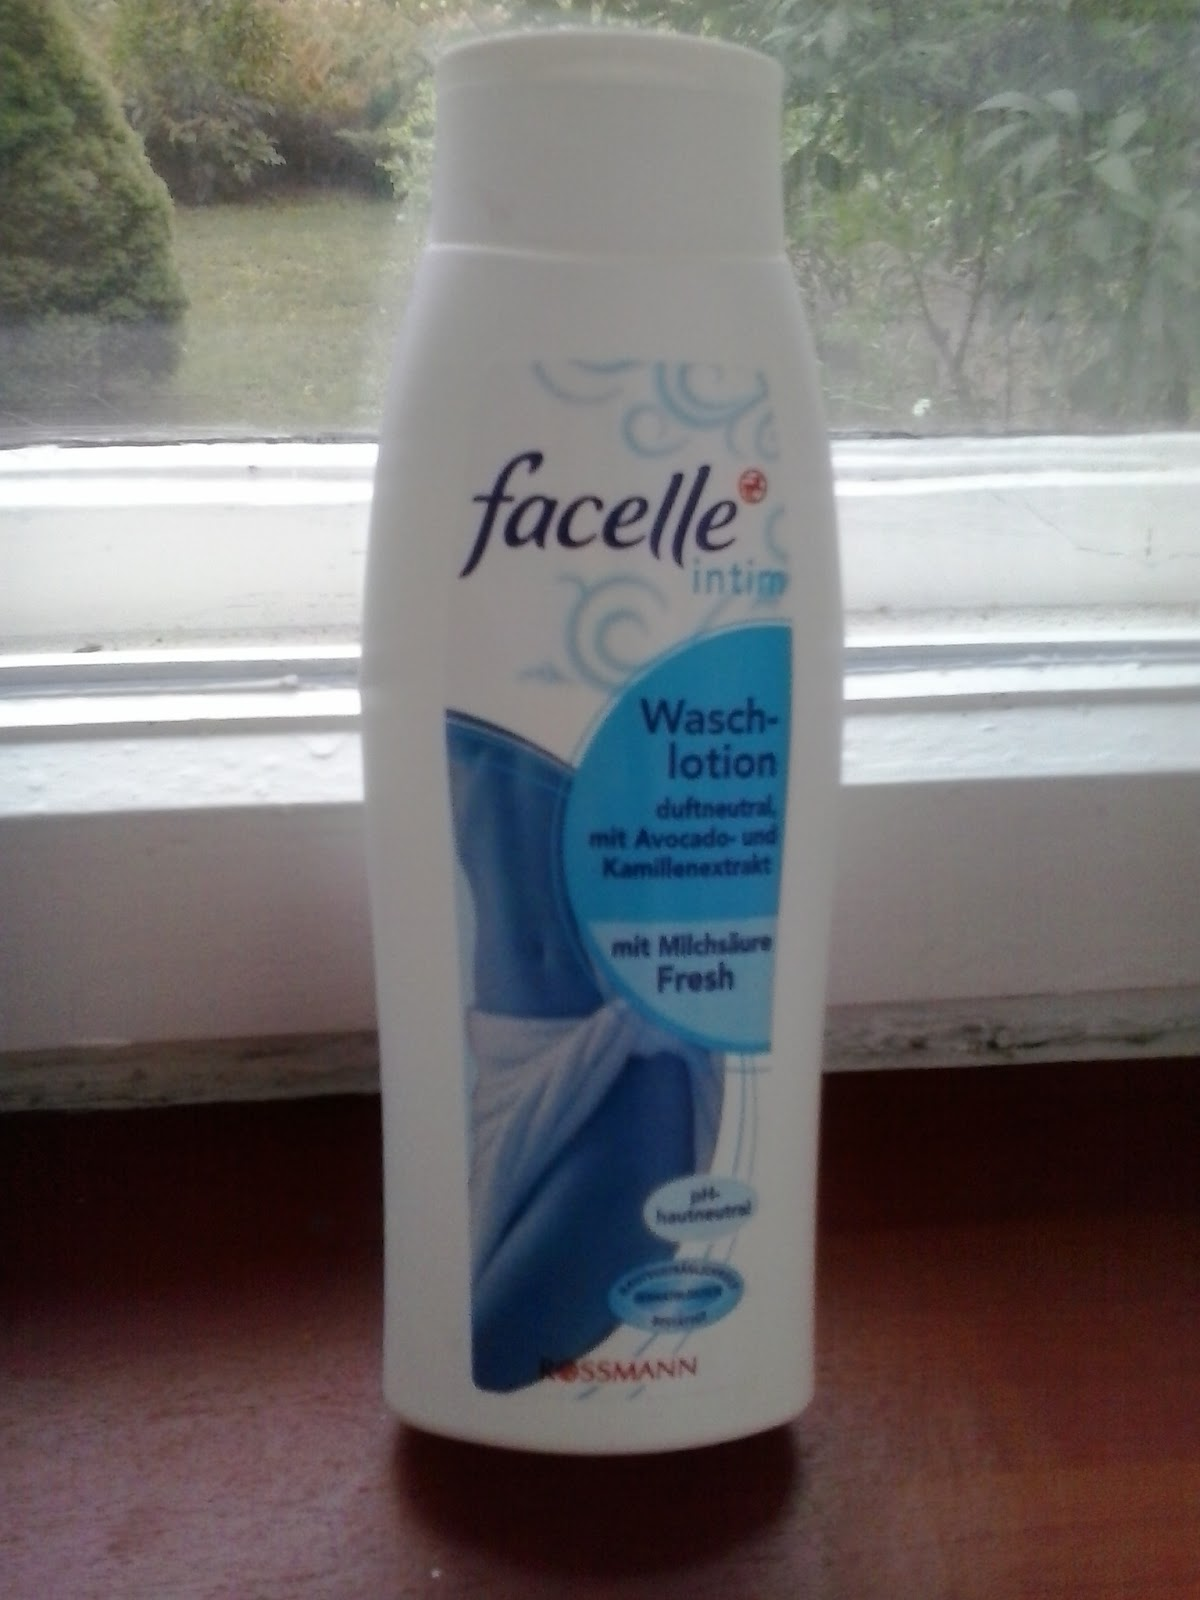 Facelle - płyn do higieny intymnej